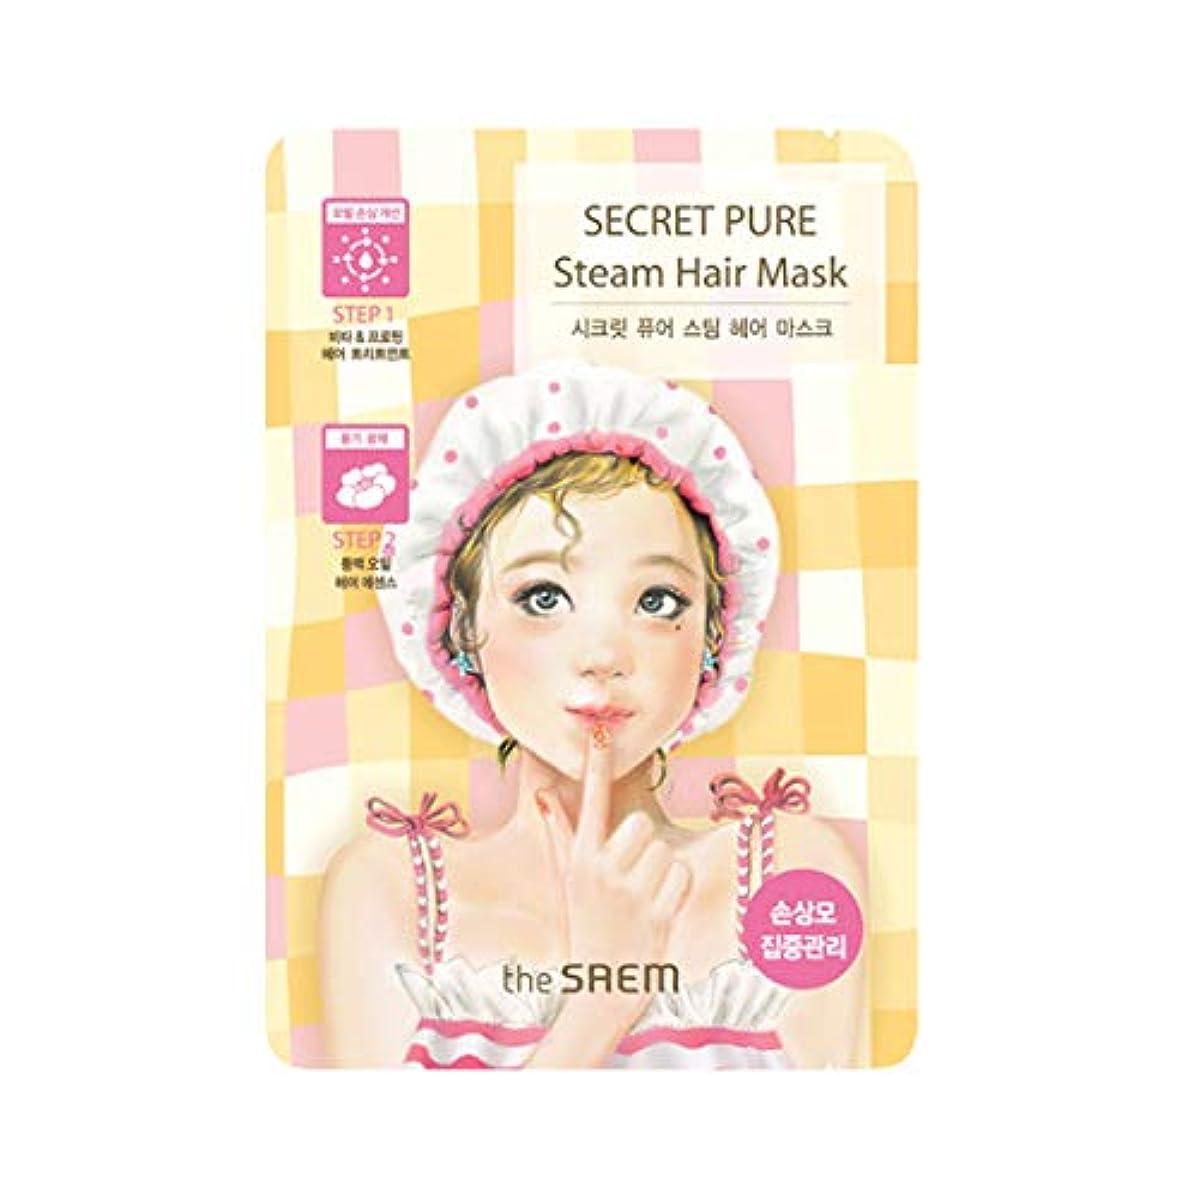 刺繍バルセロナベットthe SAEM ザセム シークレット ピュア スチーム ヘア マスク Secret Pure Steam Hair Mask